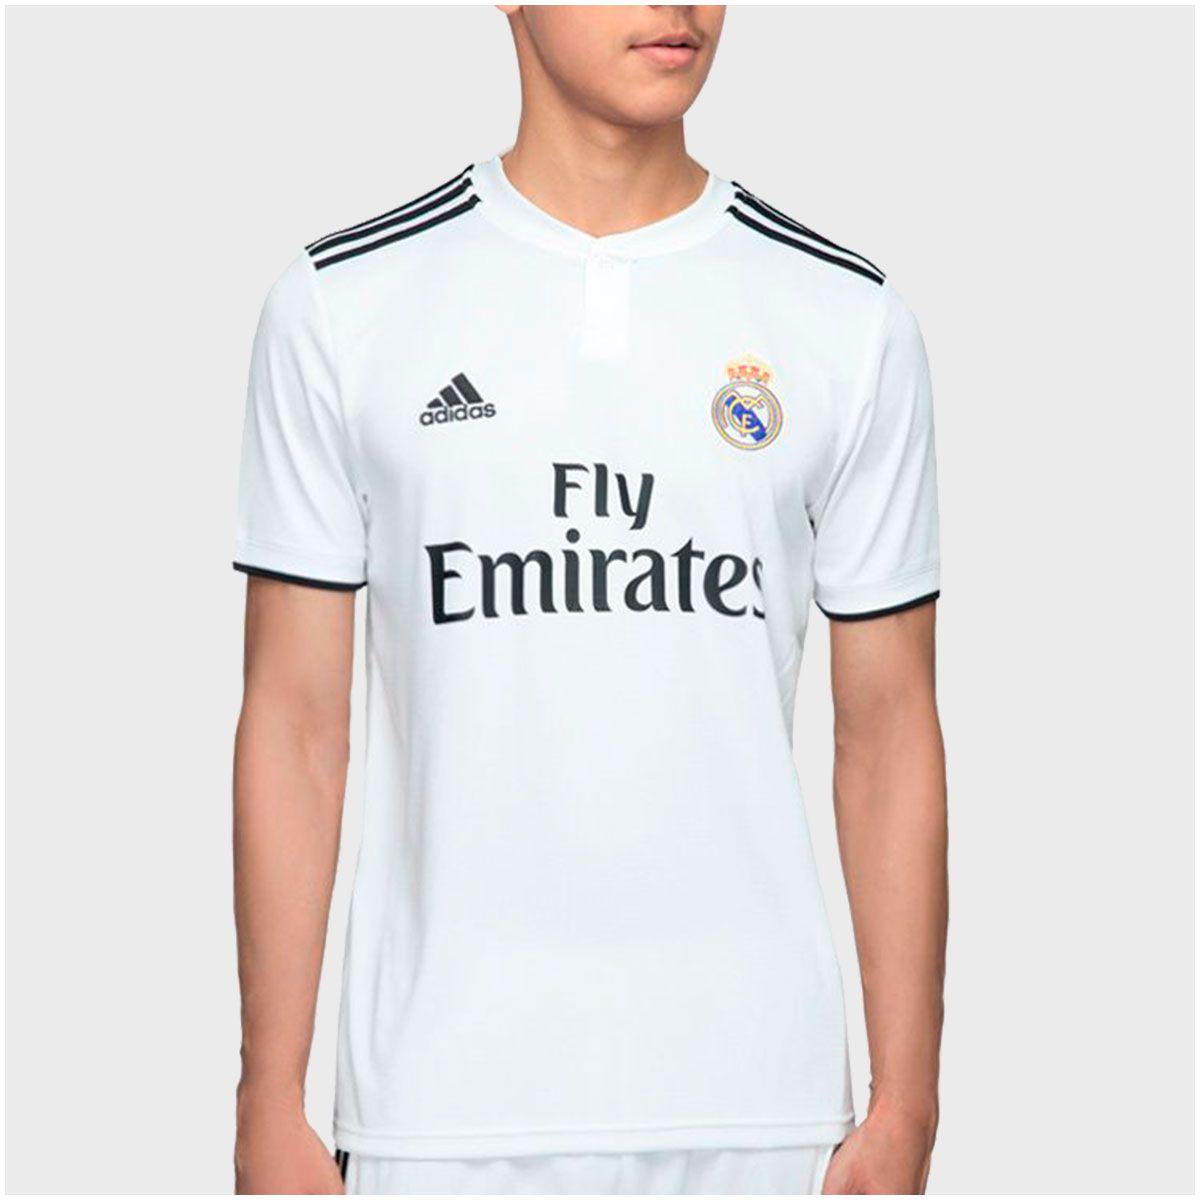 731615ae30 Camisa Real Madrid Home Adidas 2018 Infantil